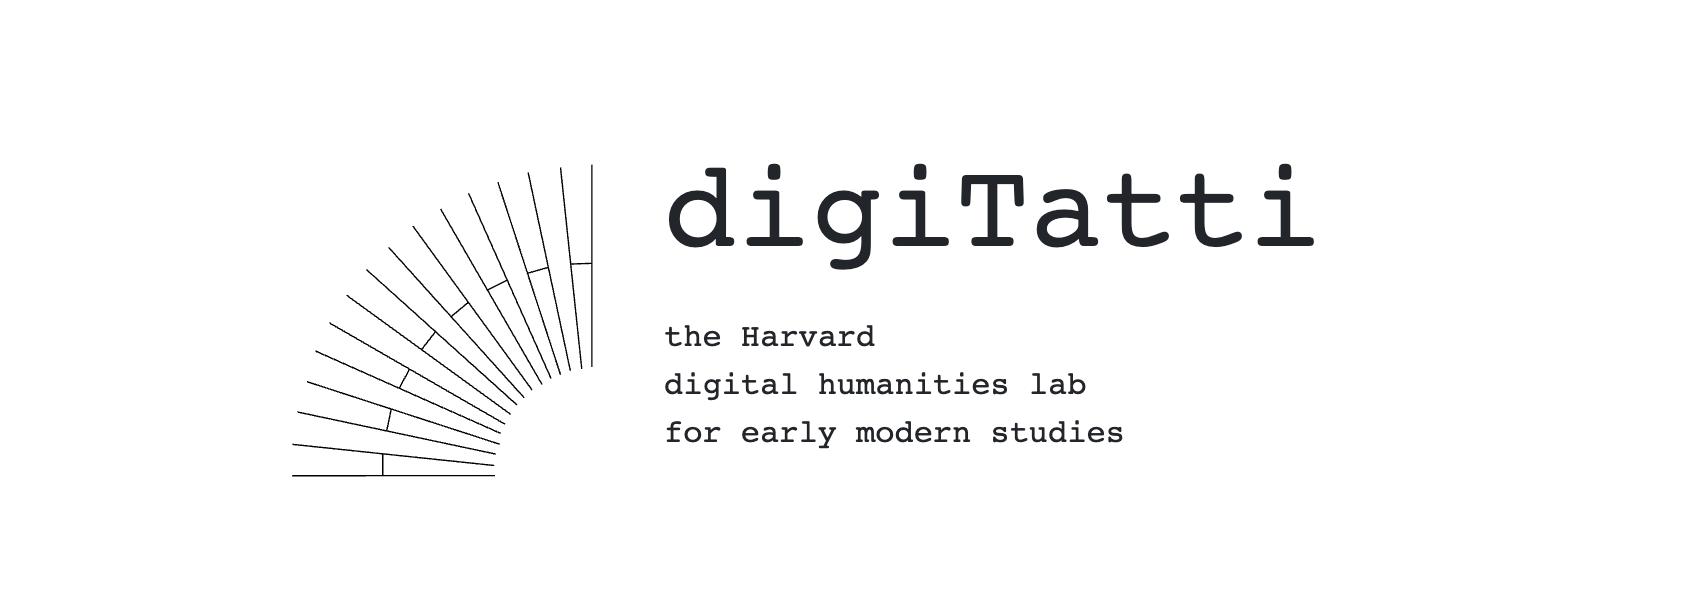 DigiTatti logo